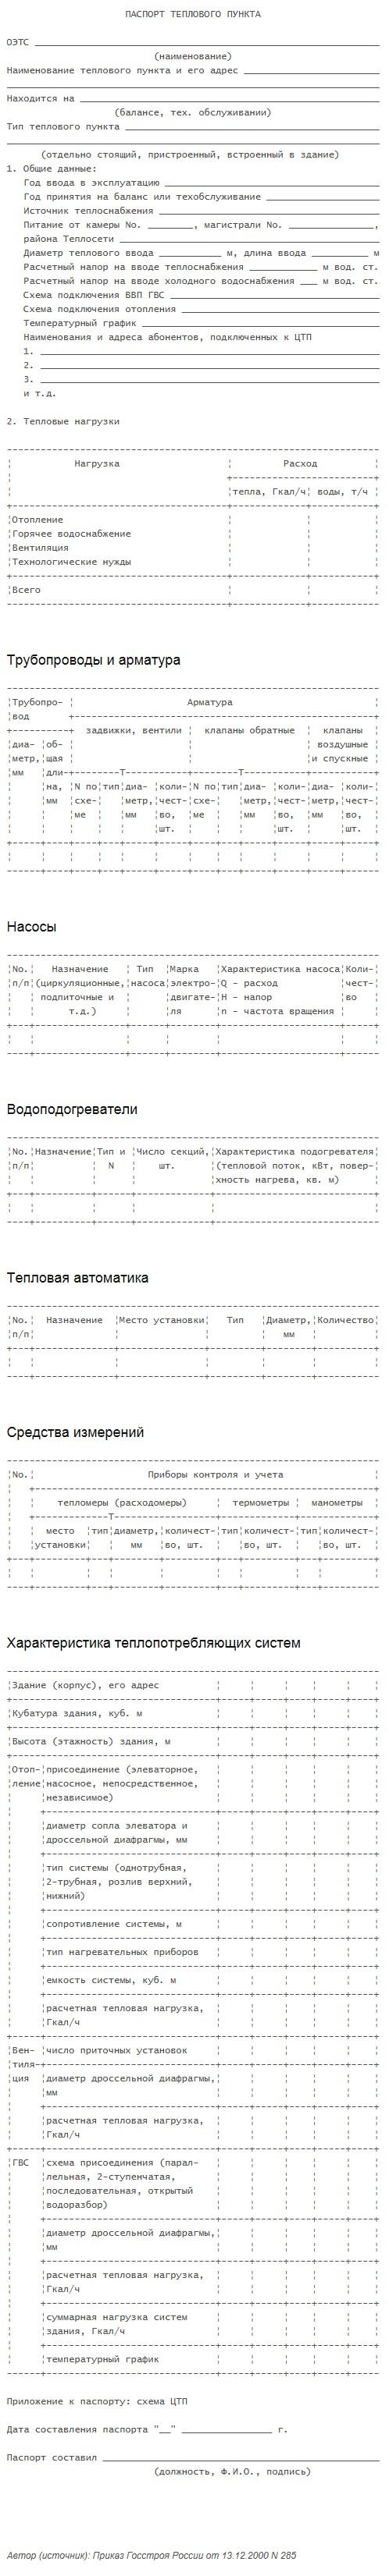 паспорт теплового пункта пример заполнения